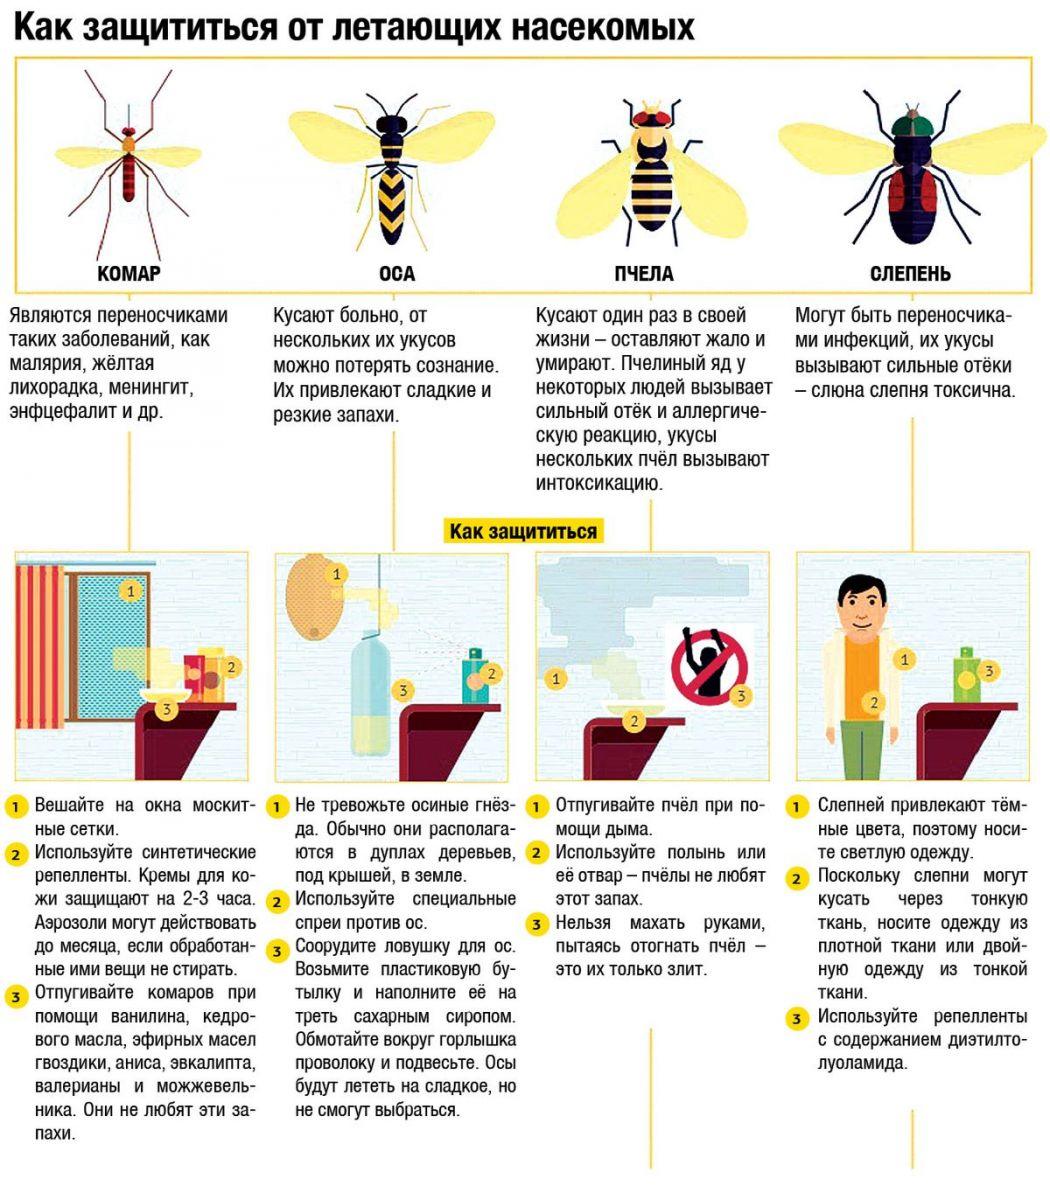 инфографика защита от летающих насекомых